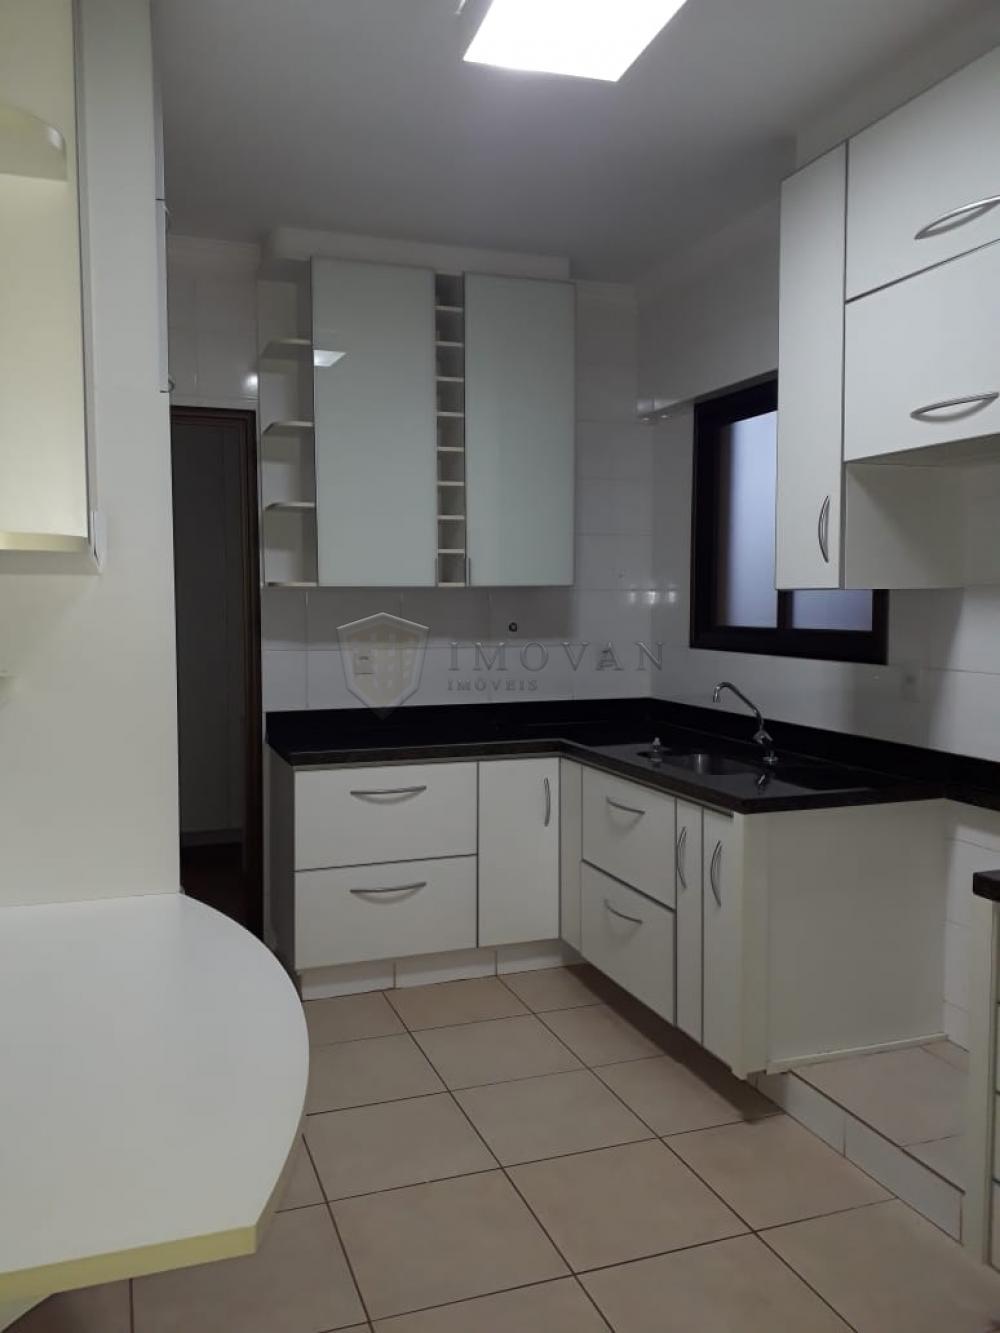 Ribeirao Preto Apartamento Venda R$650.000,00 Condominio R$700,00 2 Dormitorios 2 Suites Area construida 111.00m2